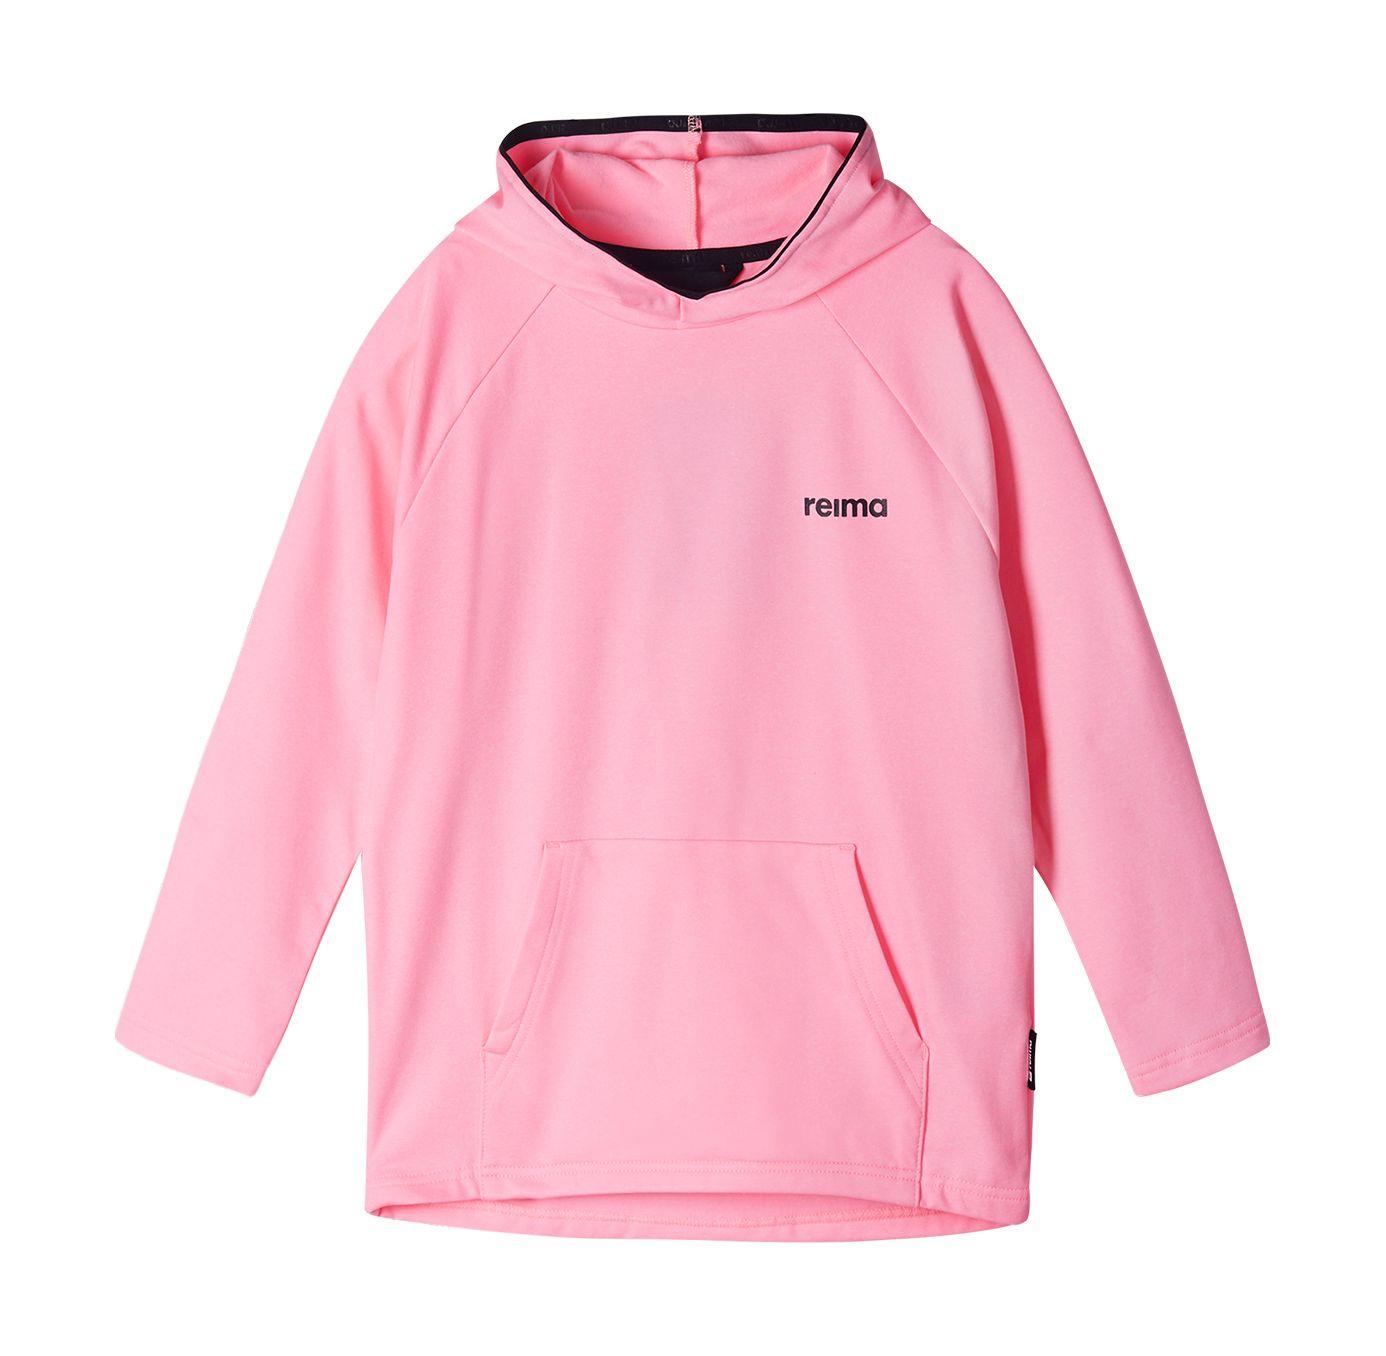 REIMA Funtsi Neon Pink 128